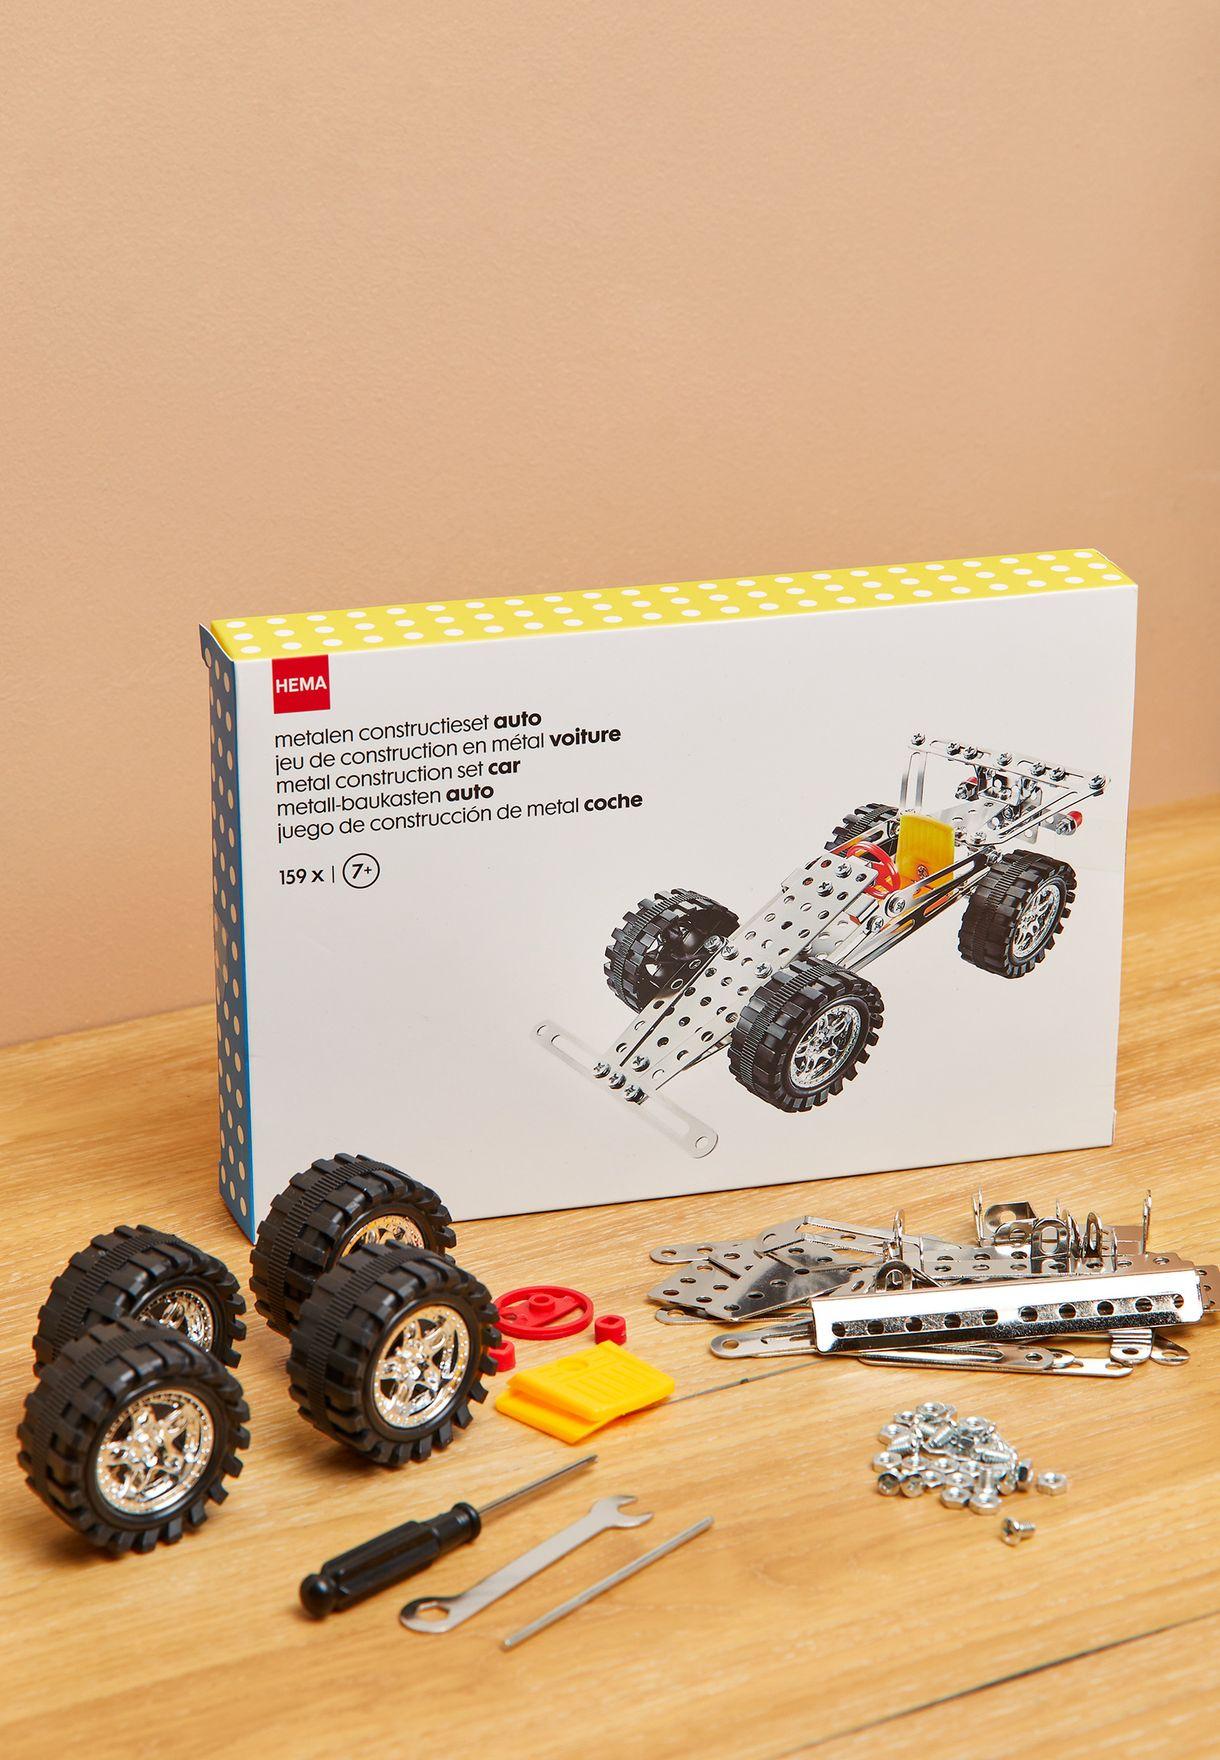 مجموعة معدنية لبناء سيارة